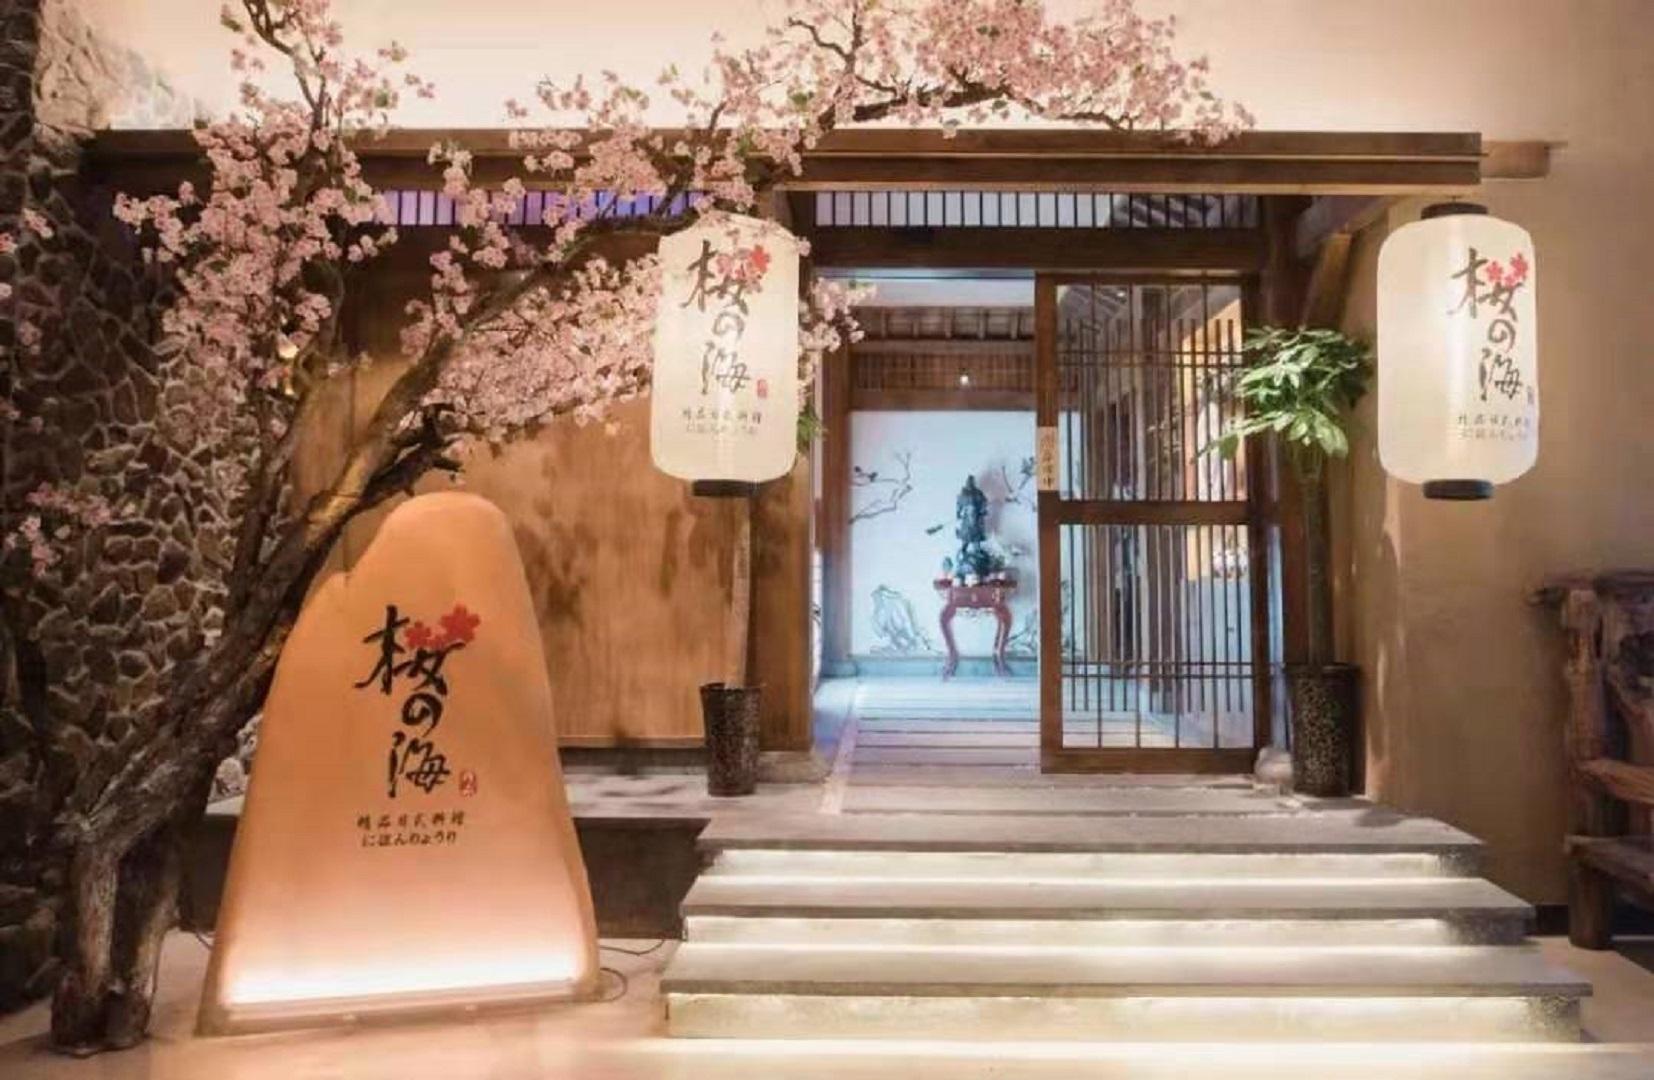 日式料理店的设计思路